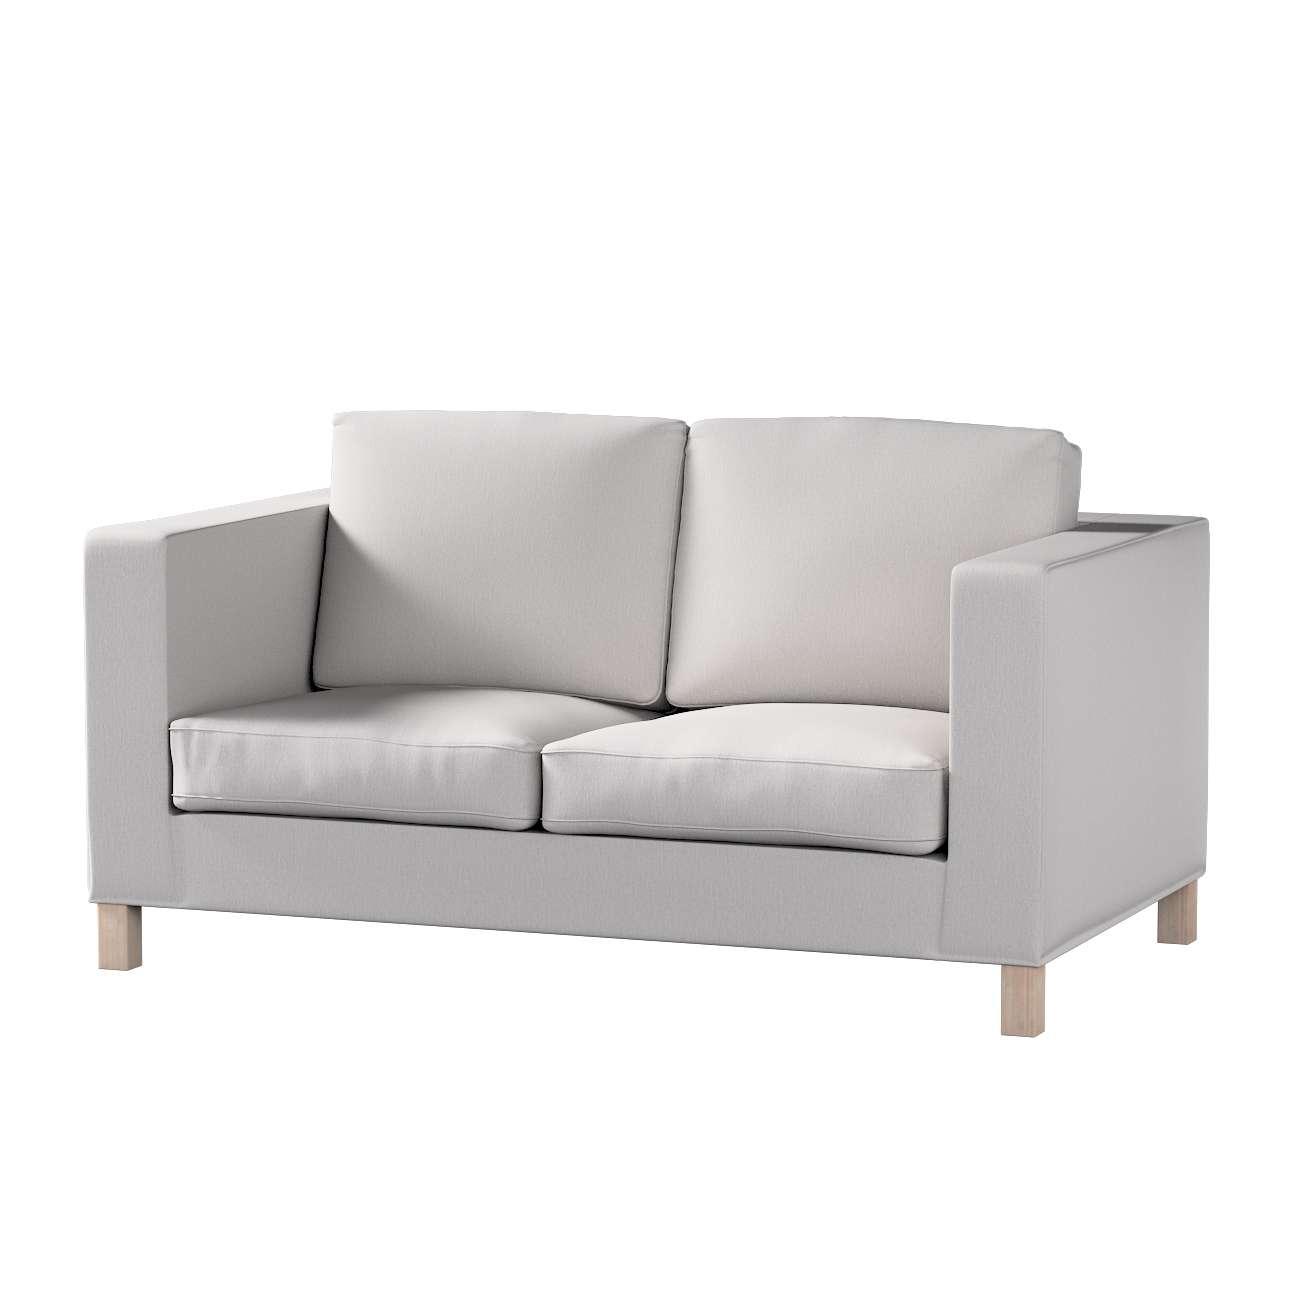 Pokrowiec na sofę Karlanda 2-osobową nierozkładaną, krótki Sofa Karlanda 2-os w kolekcji Chenille, tkanina: 702-23